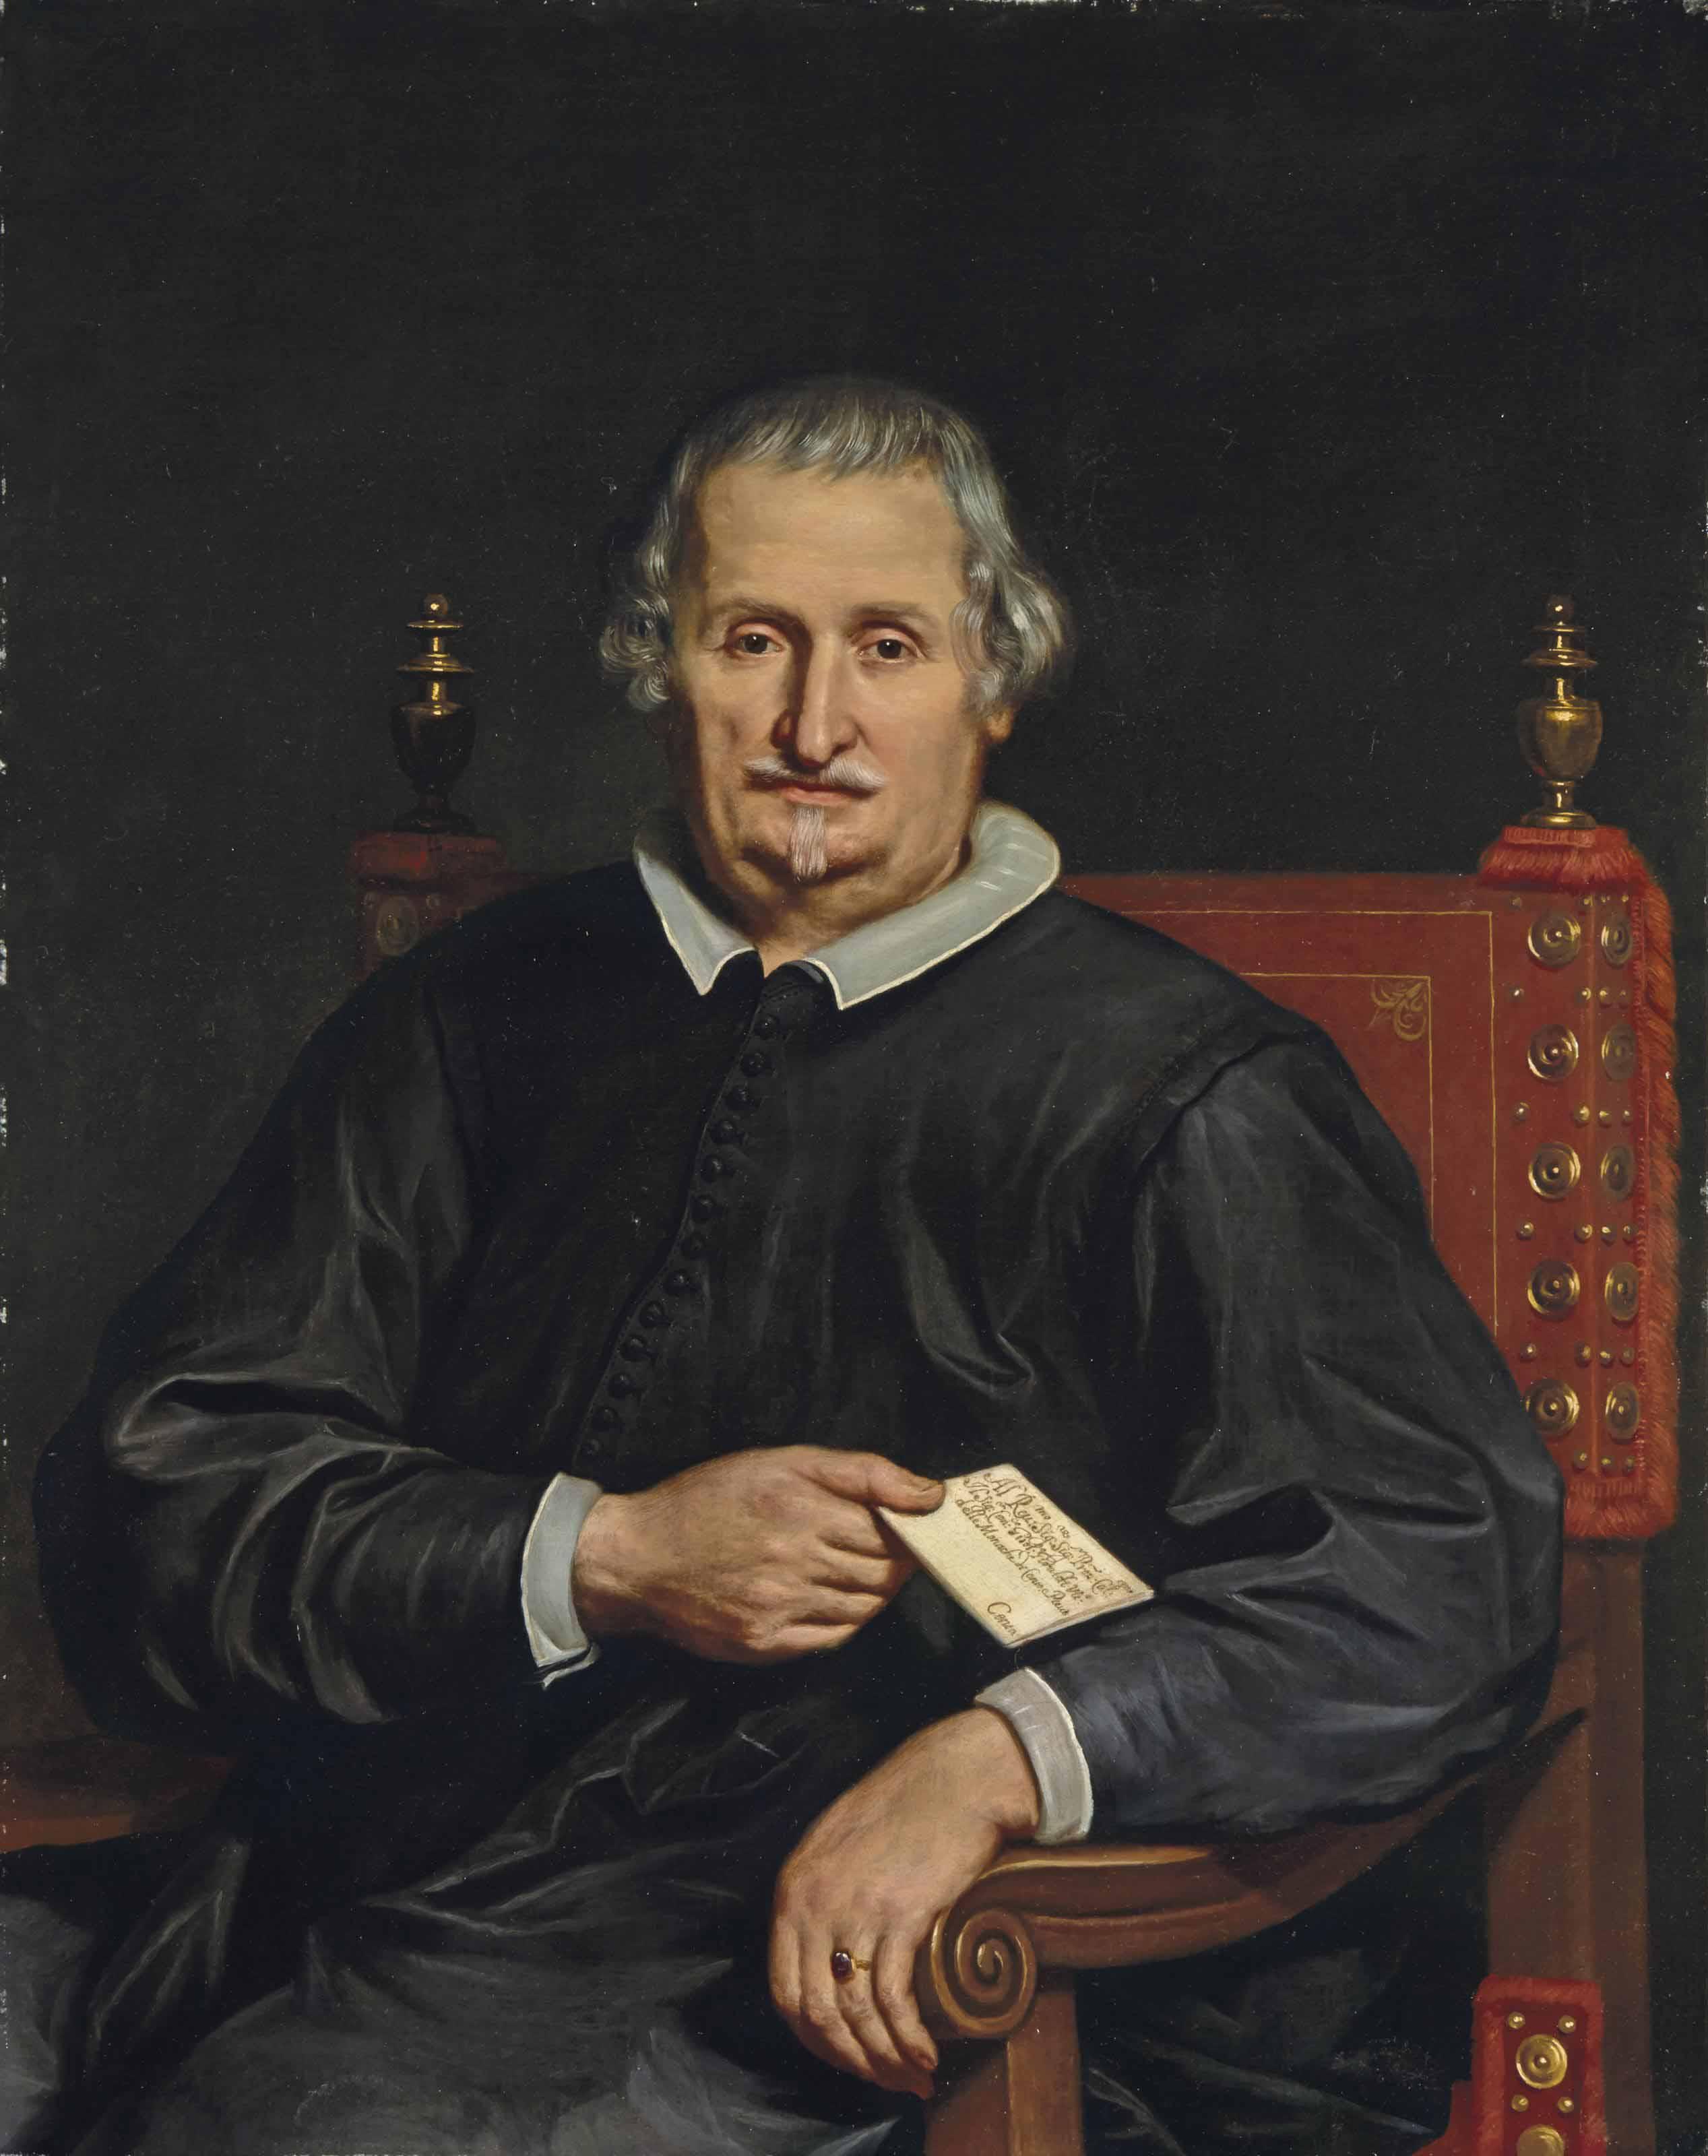 Benedetto Gennari (Cento 1563-